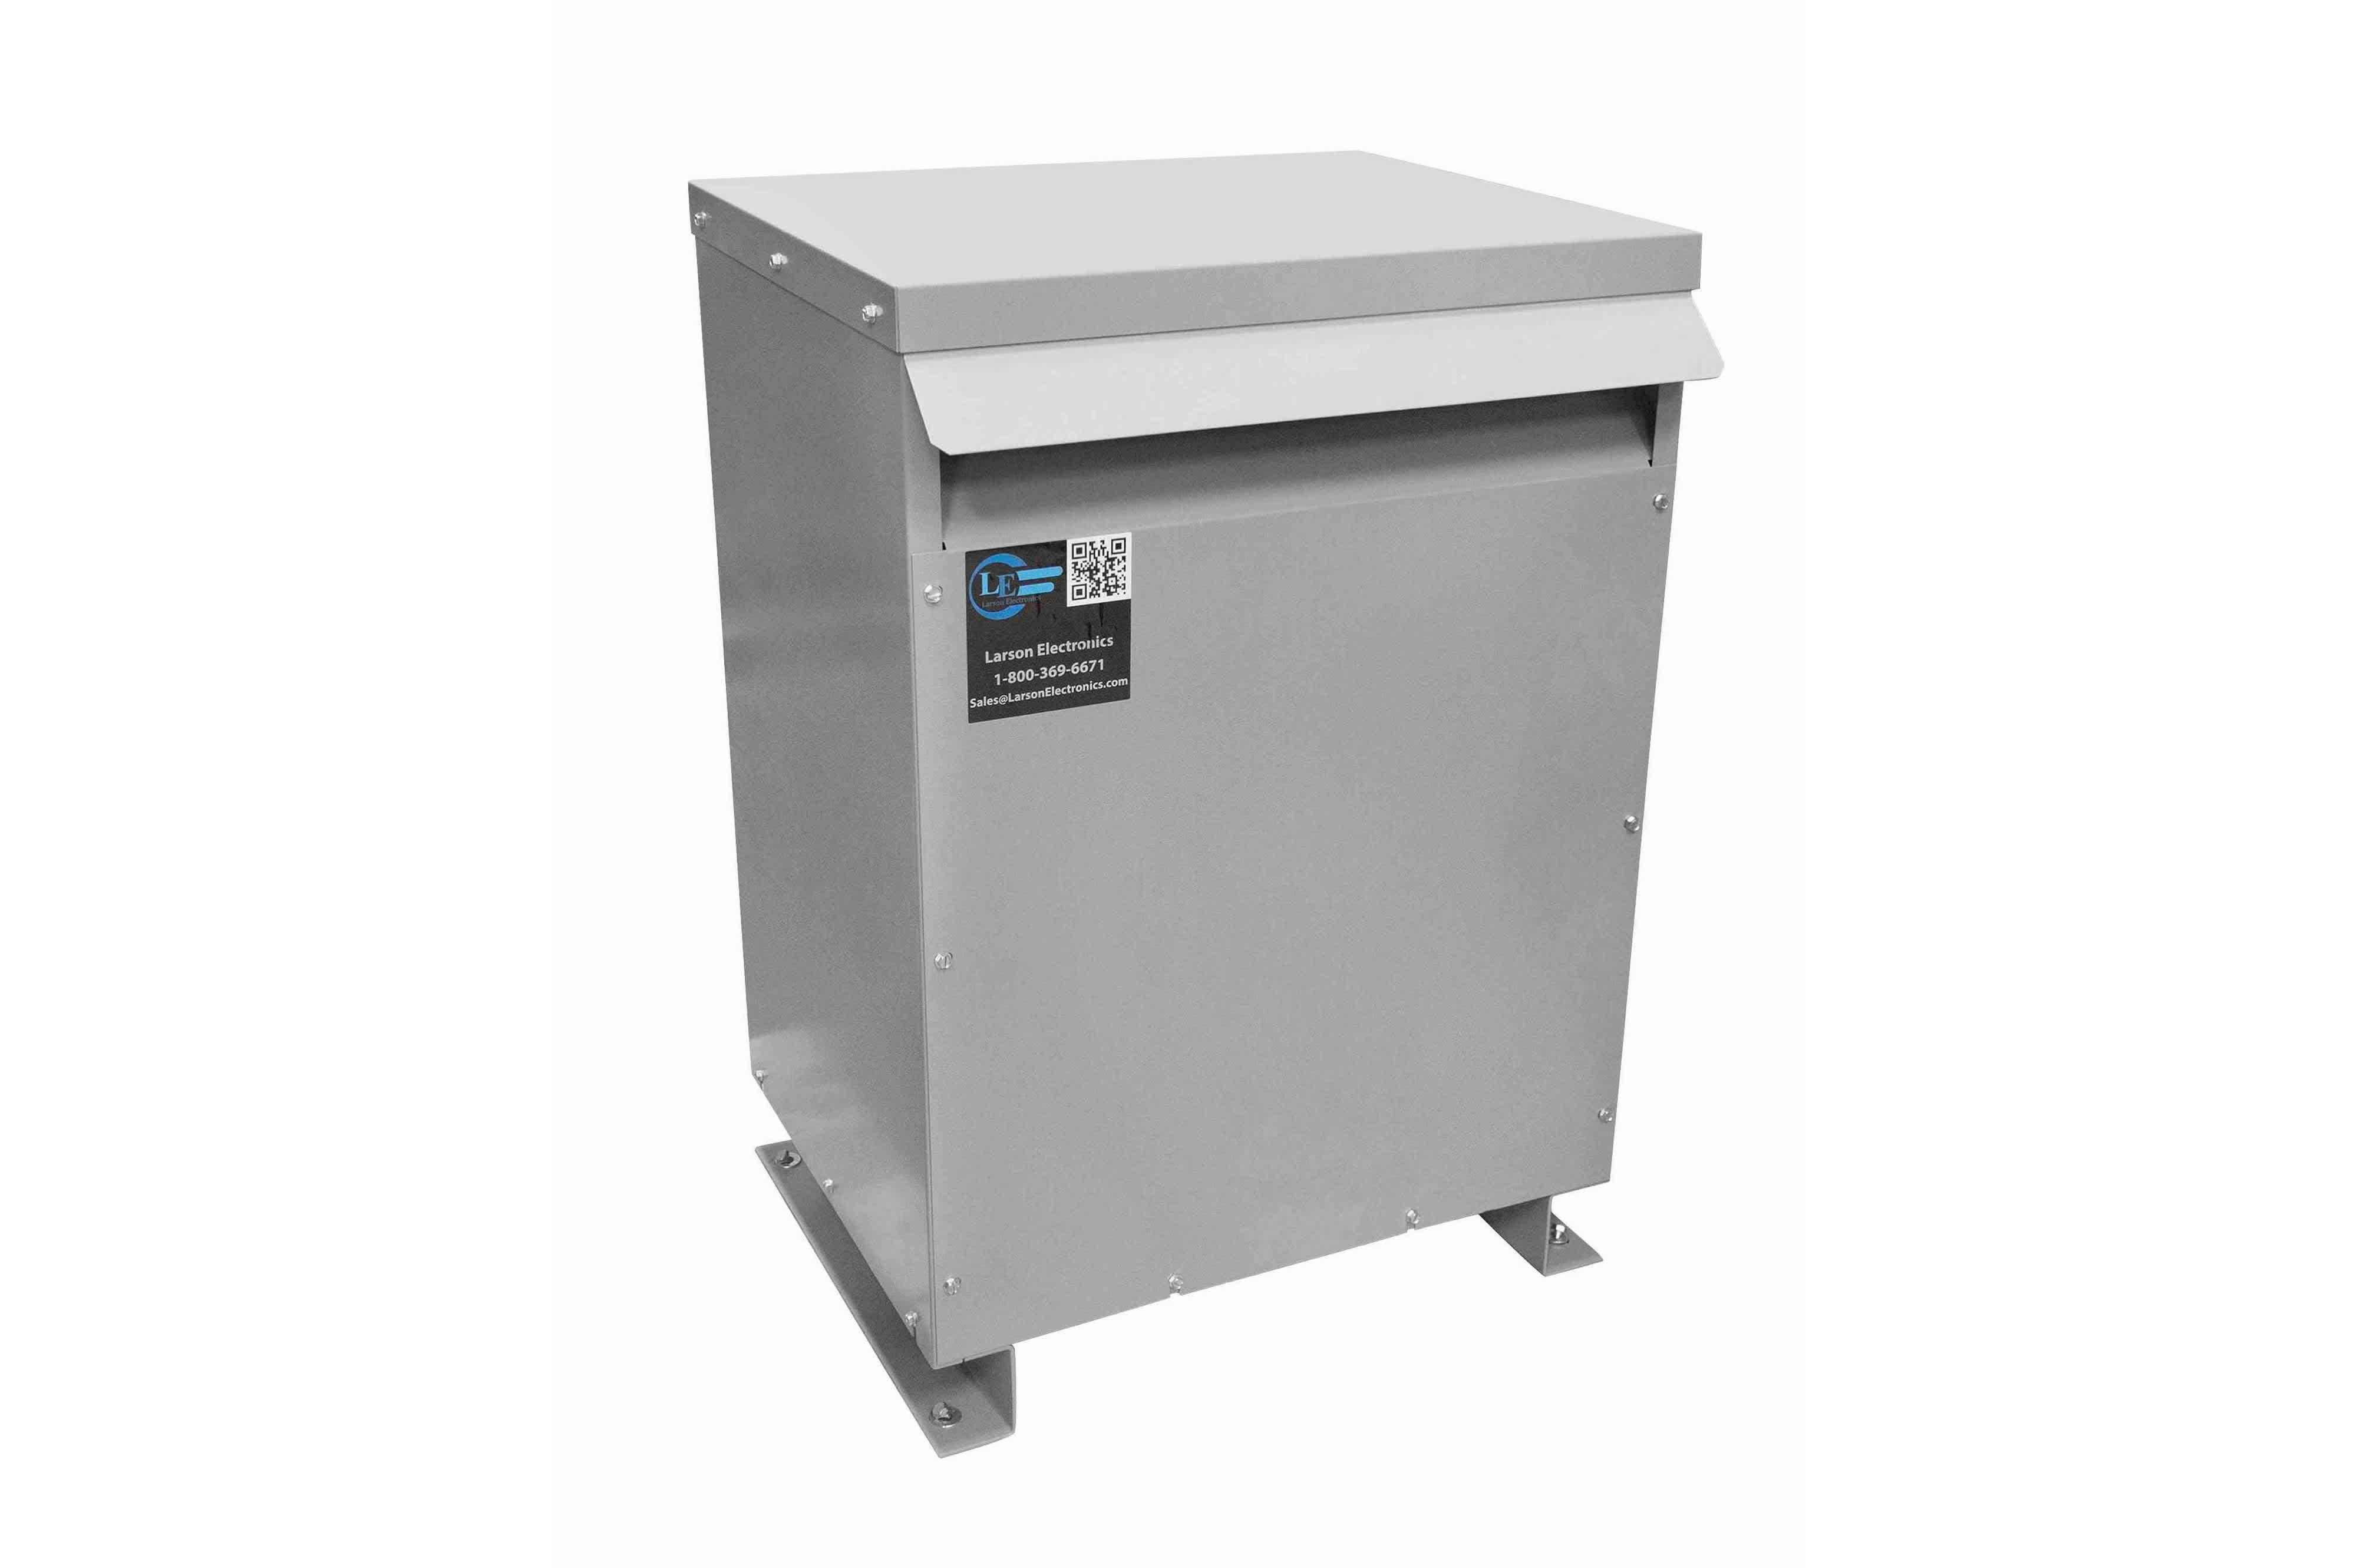 700 kVA 3PH DOE Transformer, 400V Delta Primary, 240V/120 Delta Secondary, N3R, Ventilated, 60 Hz